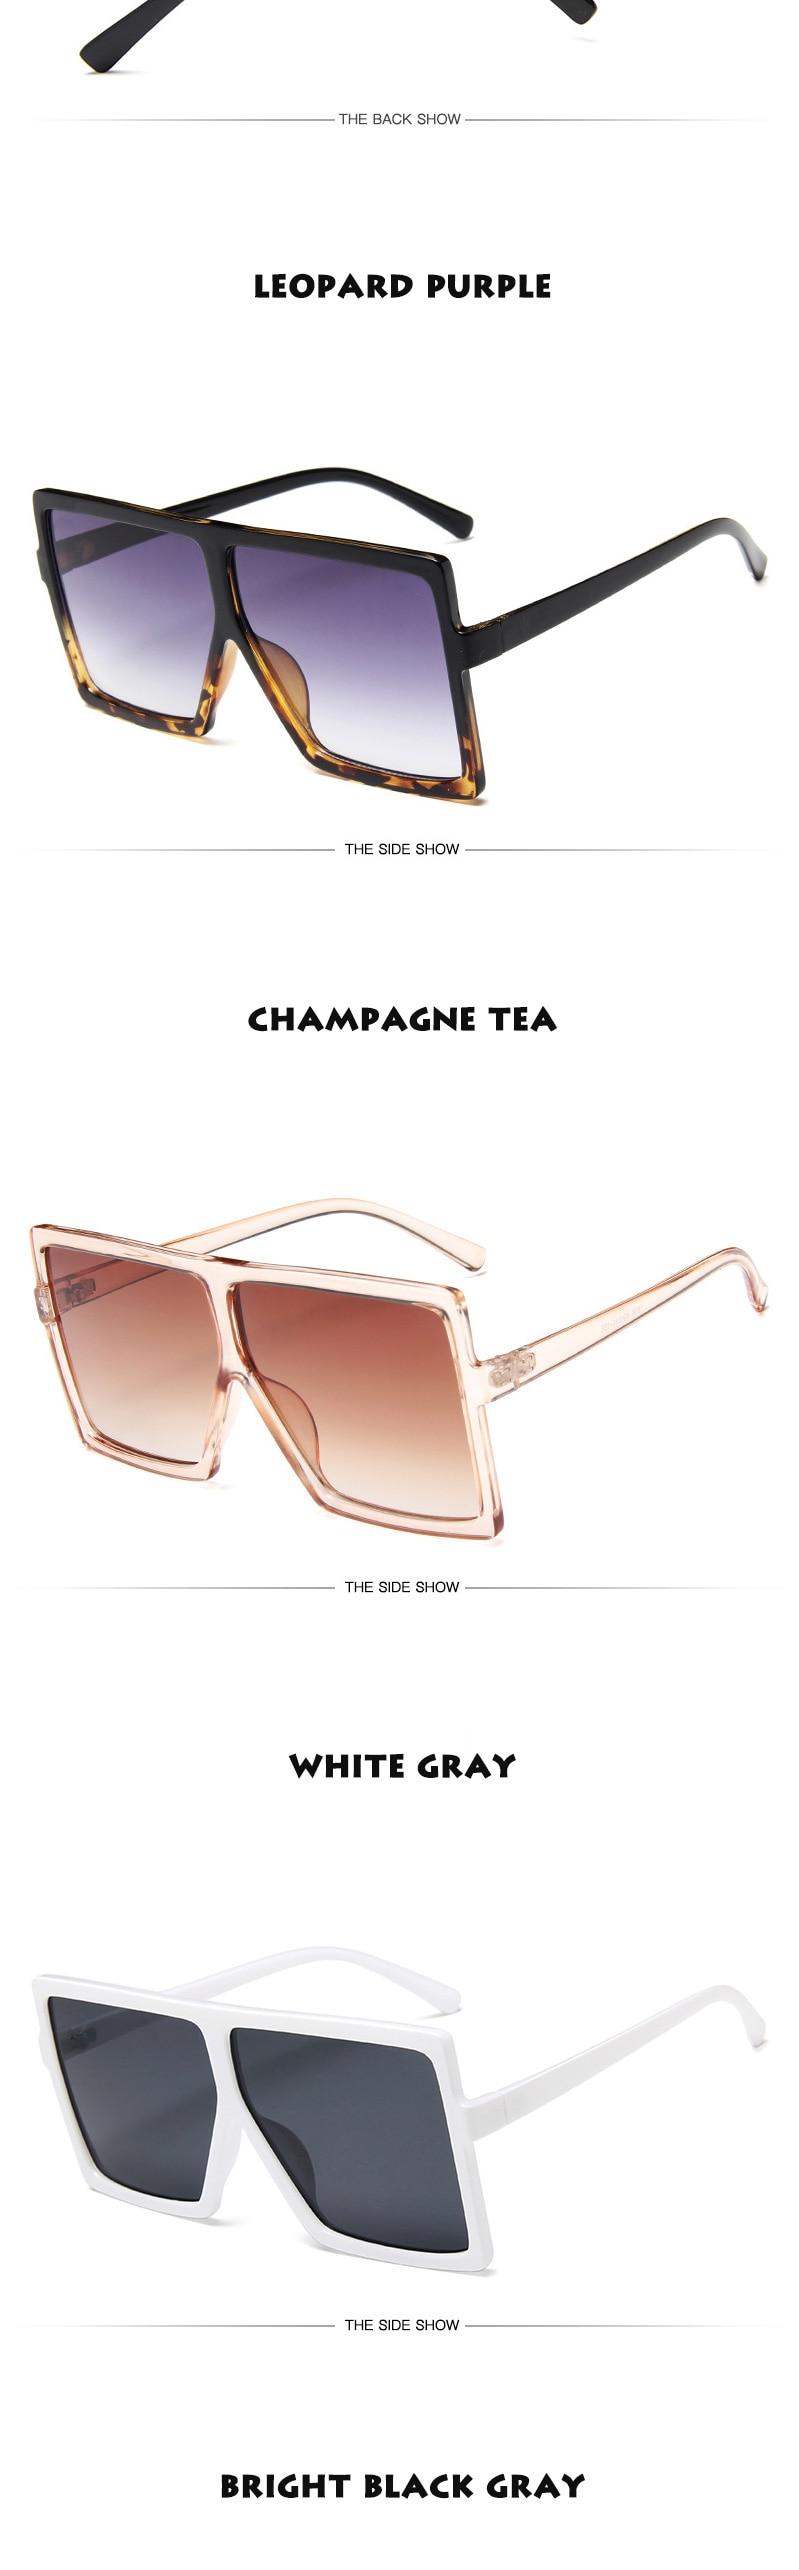 复古太阳眼镜_欧美大框太阳眼镜跨境热销街拍潮流方框金属铰链眼镜5705---阿里巴巴_04